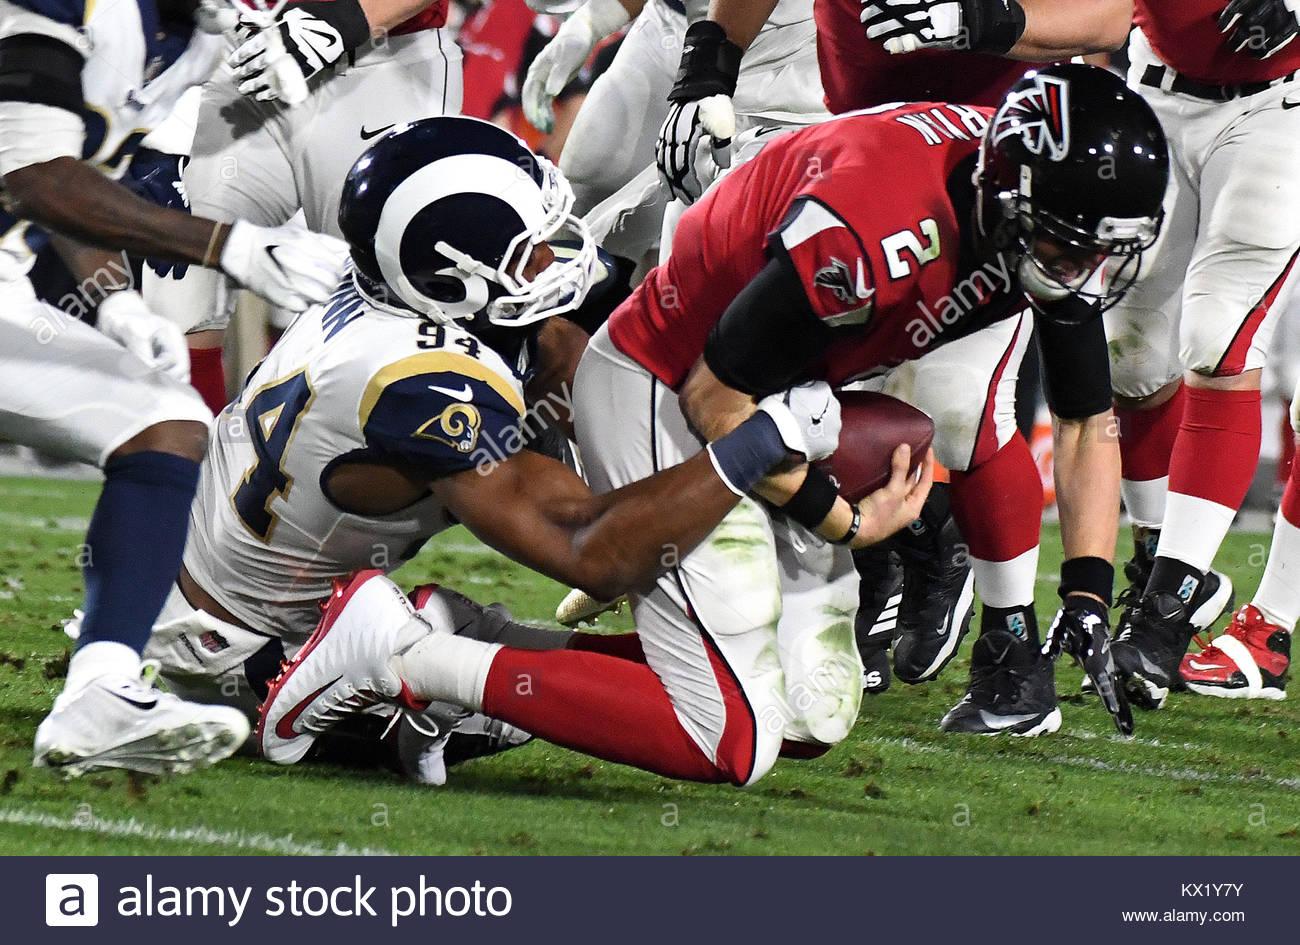 Los Angeles California Eeuu 6 Ene 2018 Los Angeles Rams Fuera